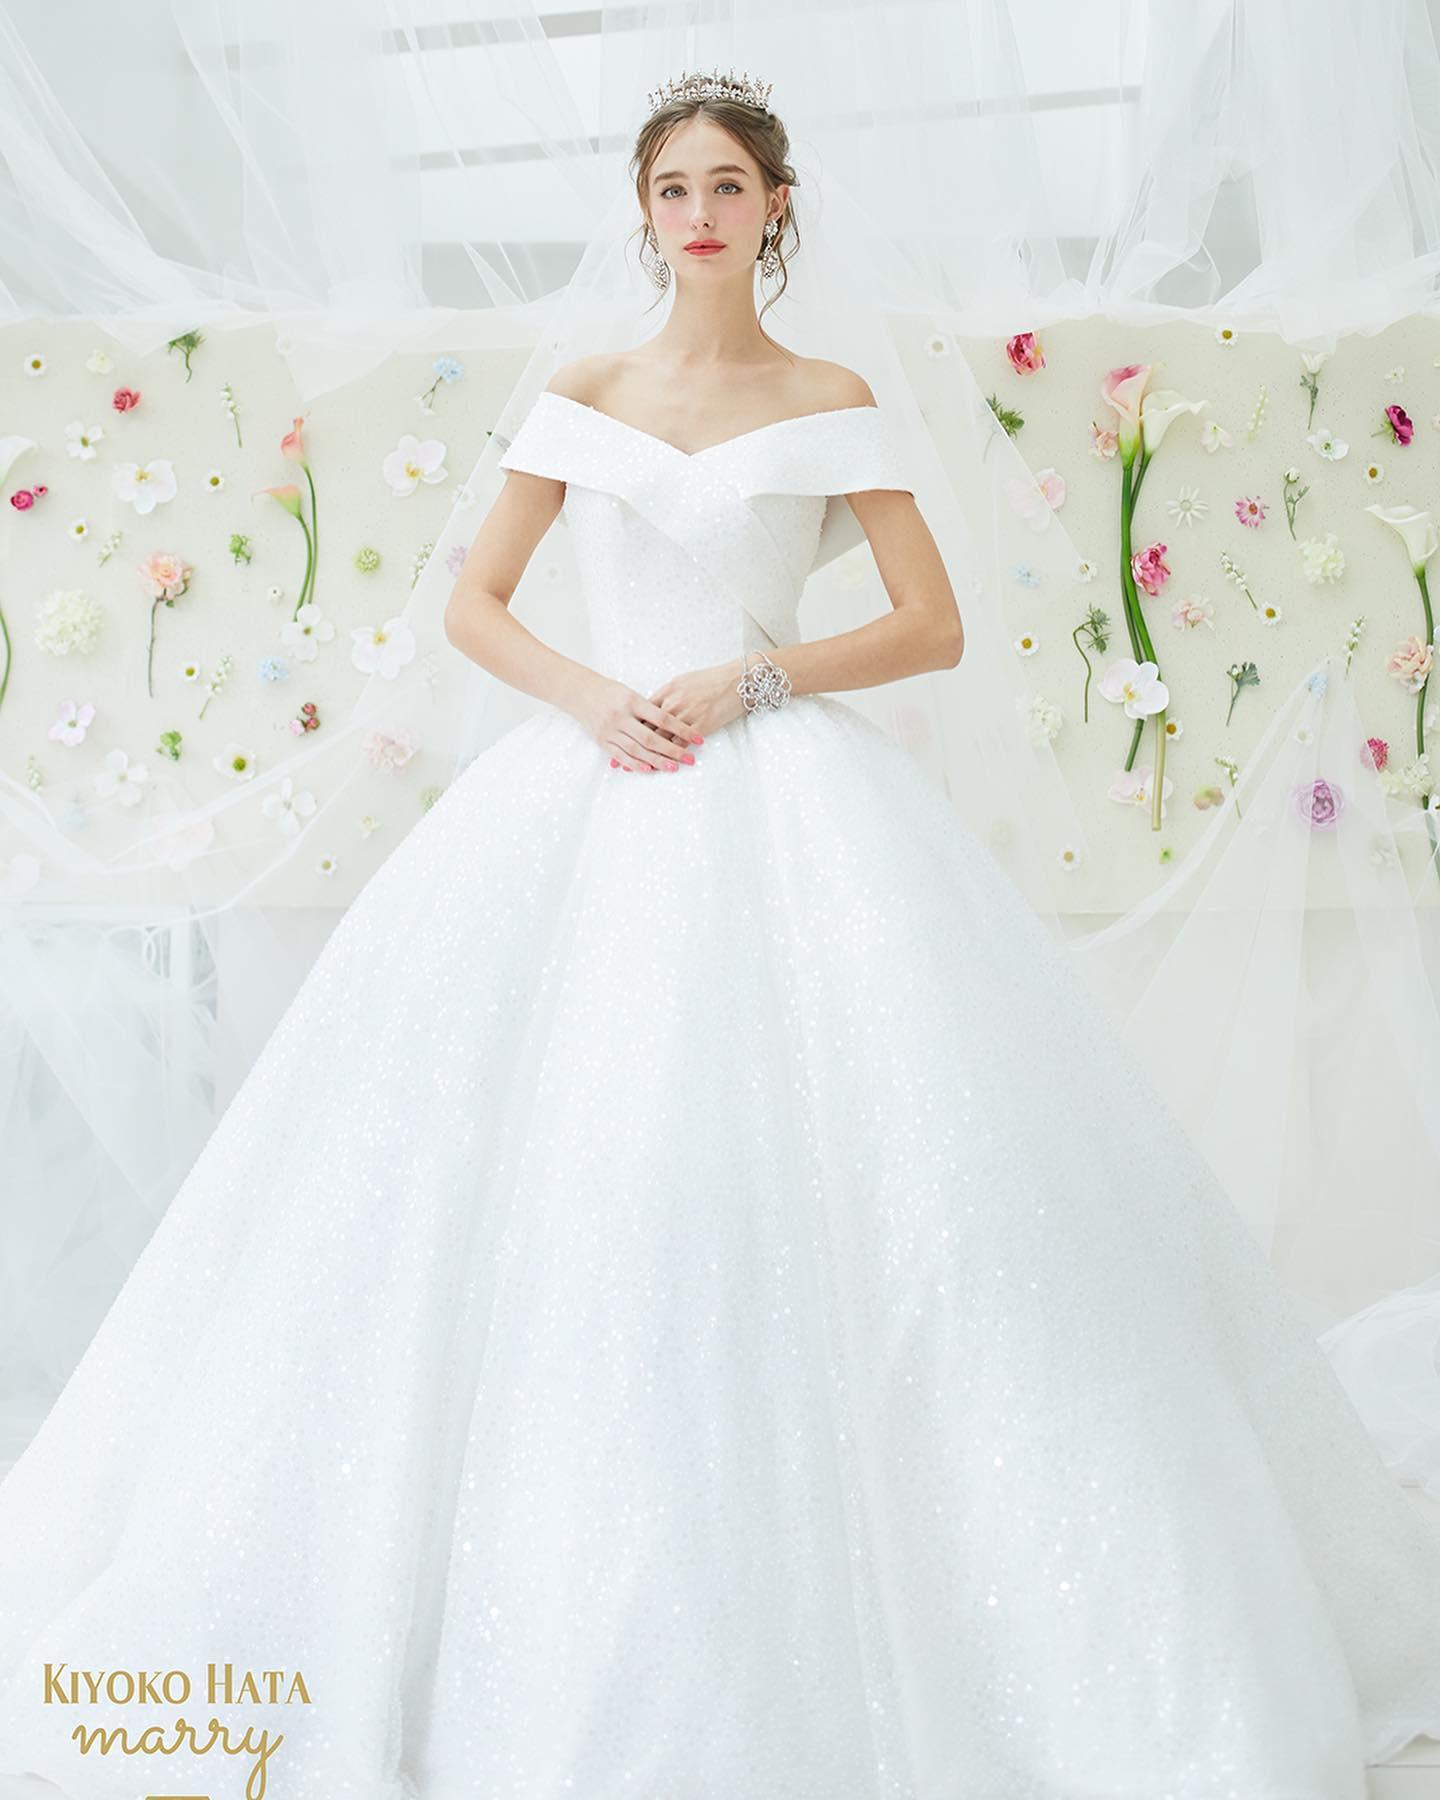 """今日は大人気の""""KIYOKO HATA × marry""""のウェディングドレスをご紹介🤍・総スパンコールで動くたびに瞬き、披露宴パーティーの照明の下では、細かいガラスのような輝きを放ちます・素材がキラキラなので、形はぐっとエレガントに見えるようにオフショルダーでロイヤルウェディング風にデザインされているのもポイント🕊・お袖の取り外しも可能な2WAYドレスです・ご試着いかがでしょうか・ウエディングドレス 【KIYOKO HATA × marry】WD1263KH-0022・#wedding #weddingdress #bridalhiro #kiyokohata #marry#ウェディングドレス #プレ花嫁 #ドレス試着 #2021冬婚 #ヘアメイク #結婚式  #ドレス選び #前撮り #後撮り #フォトウェディング #ウェディングヘア  #フォト婚 #前撮り写真 #ブライダルフォト #カップルフォト #ウェディングドレス探し #ウェディングドレス試着 #レンタルドレス #ドレスショップ #家族婚 #ブライダルヒロ #ゼクシィ #プリンセスライン #ドレス迷子"""